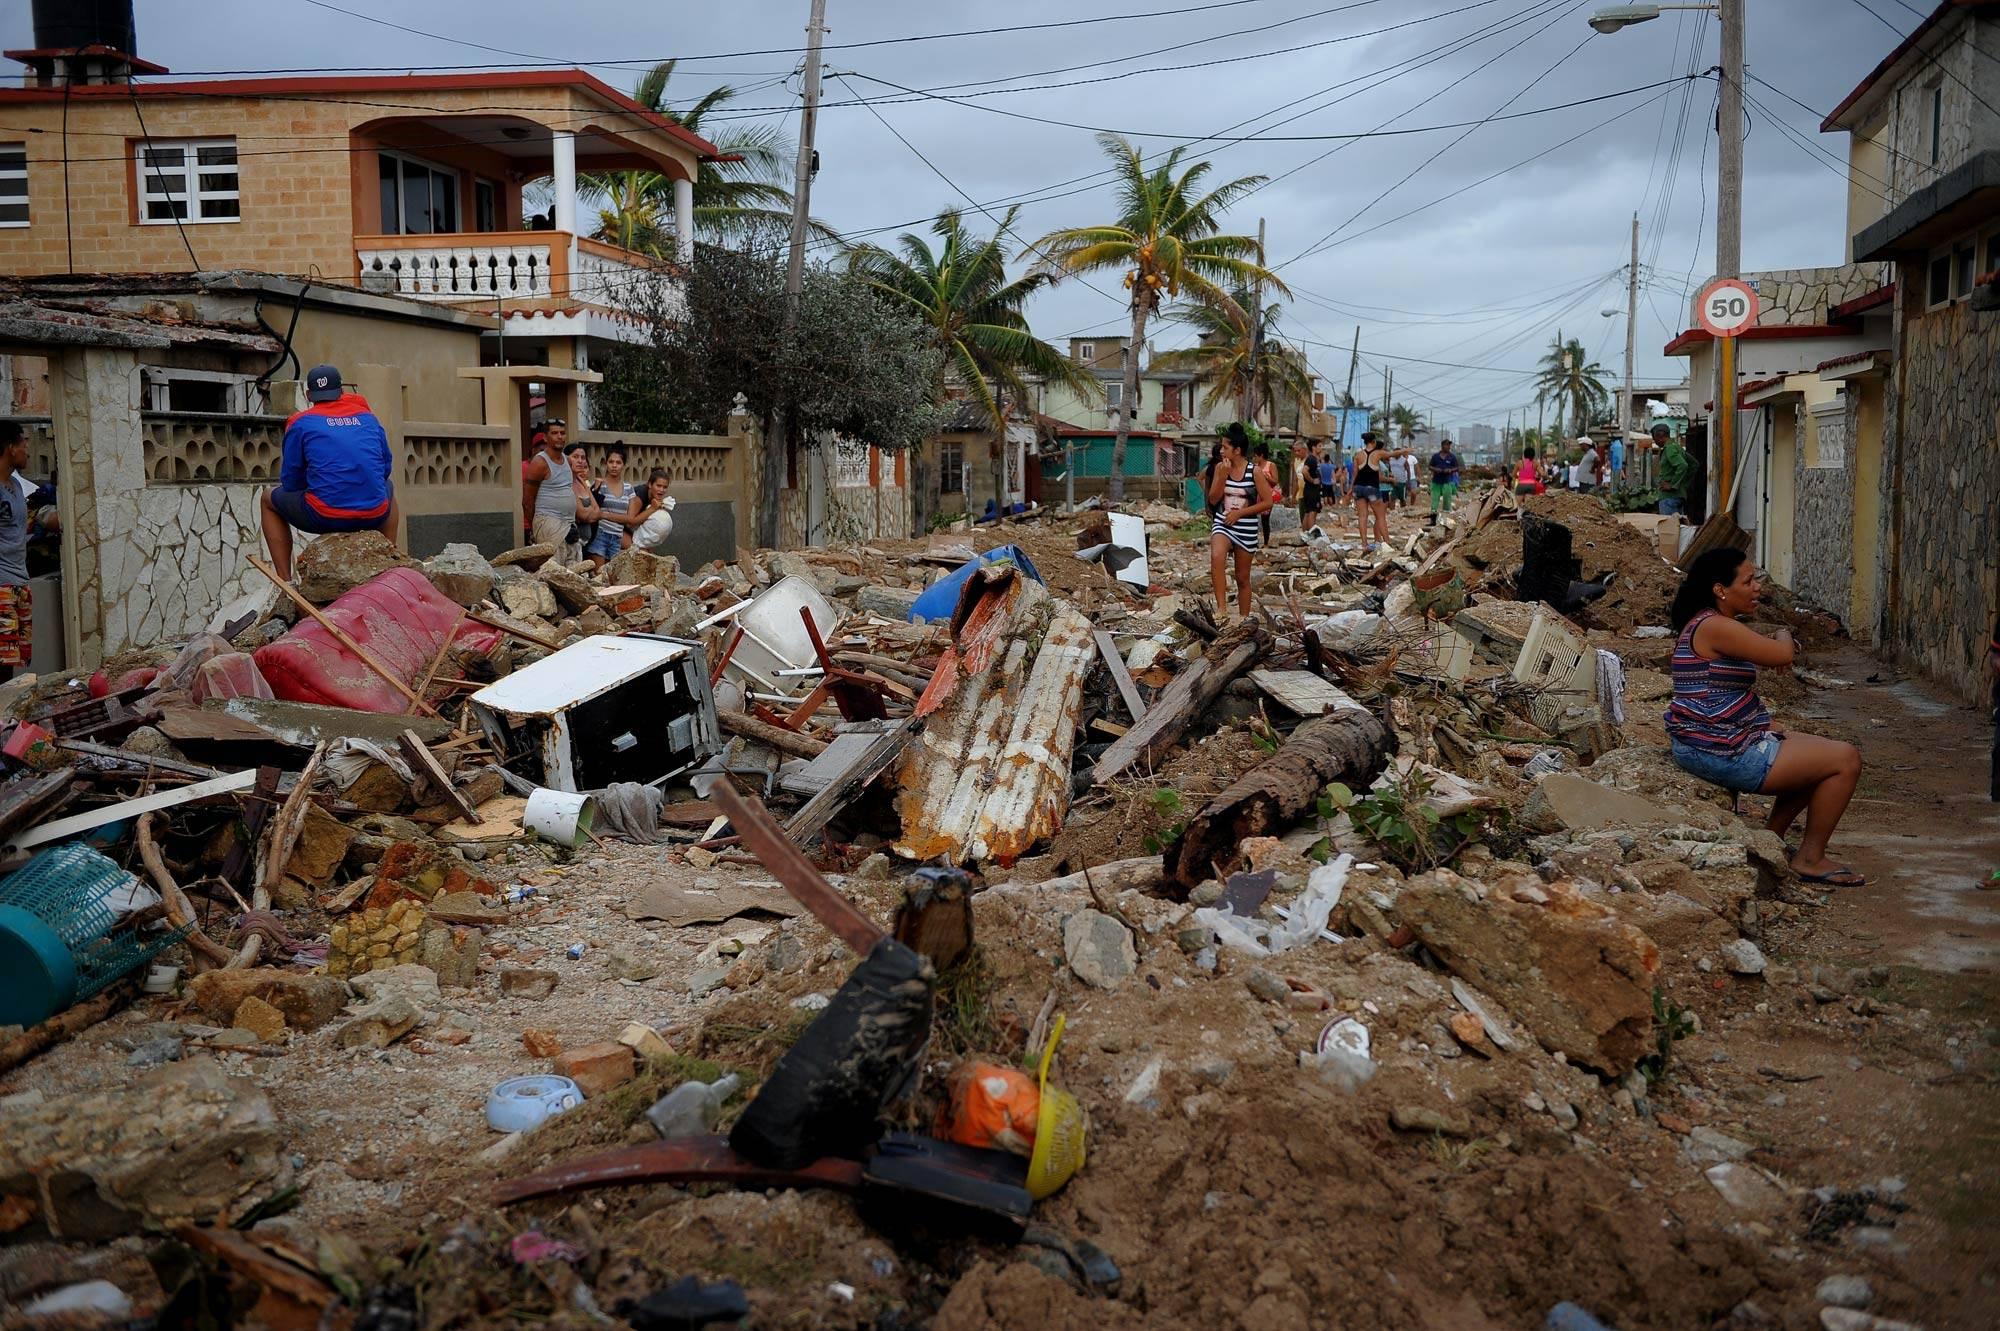 Destruição causada pela passagem do furacão Irma no bairro de Cojimar, em Havana (Cuba)